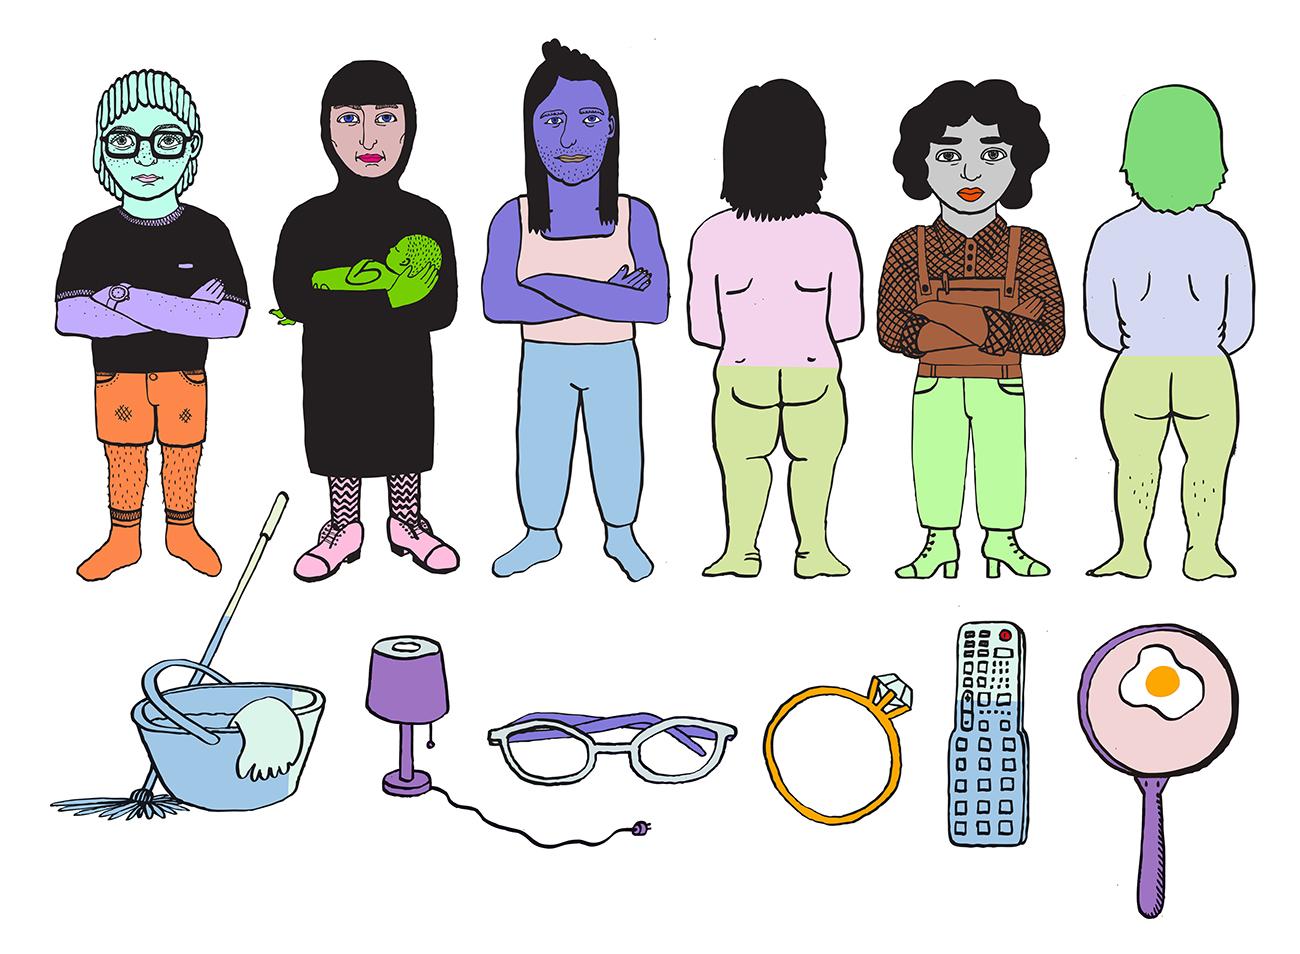 Gunilla-H_-illustration_-feminism.jpg